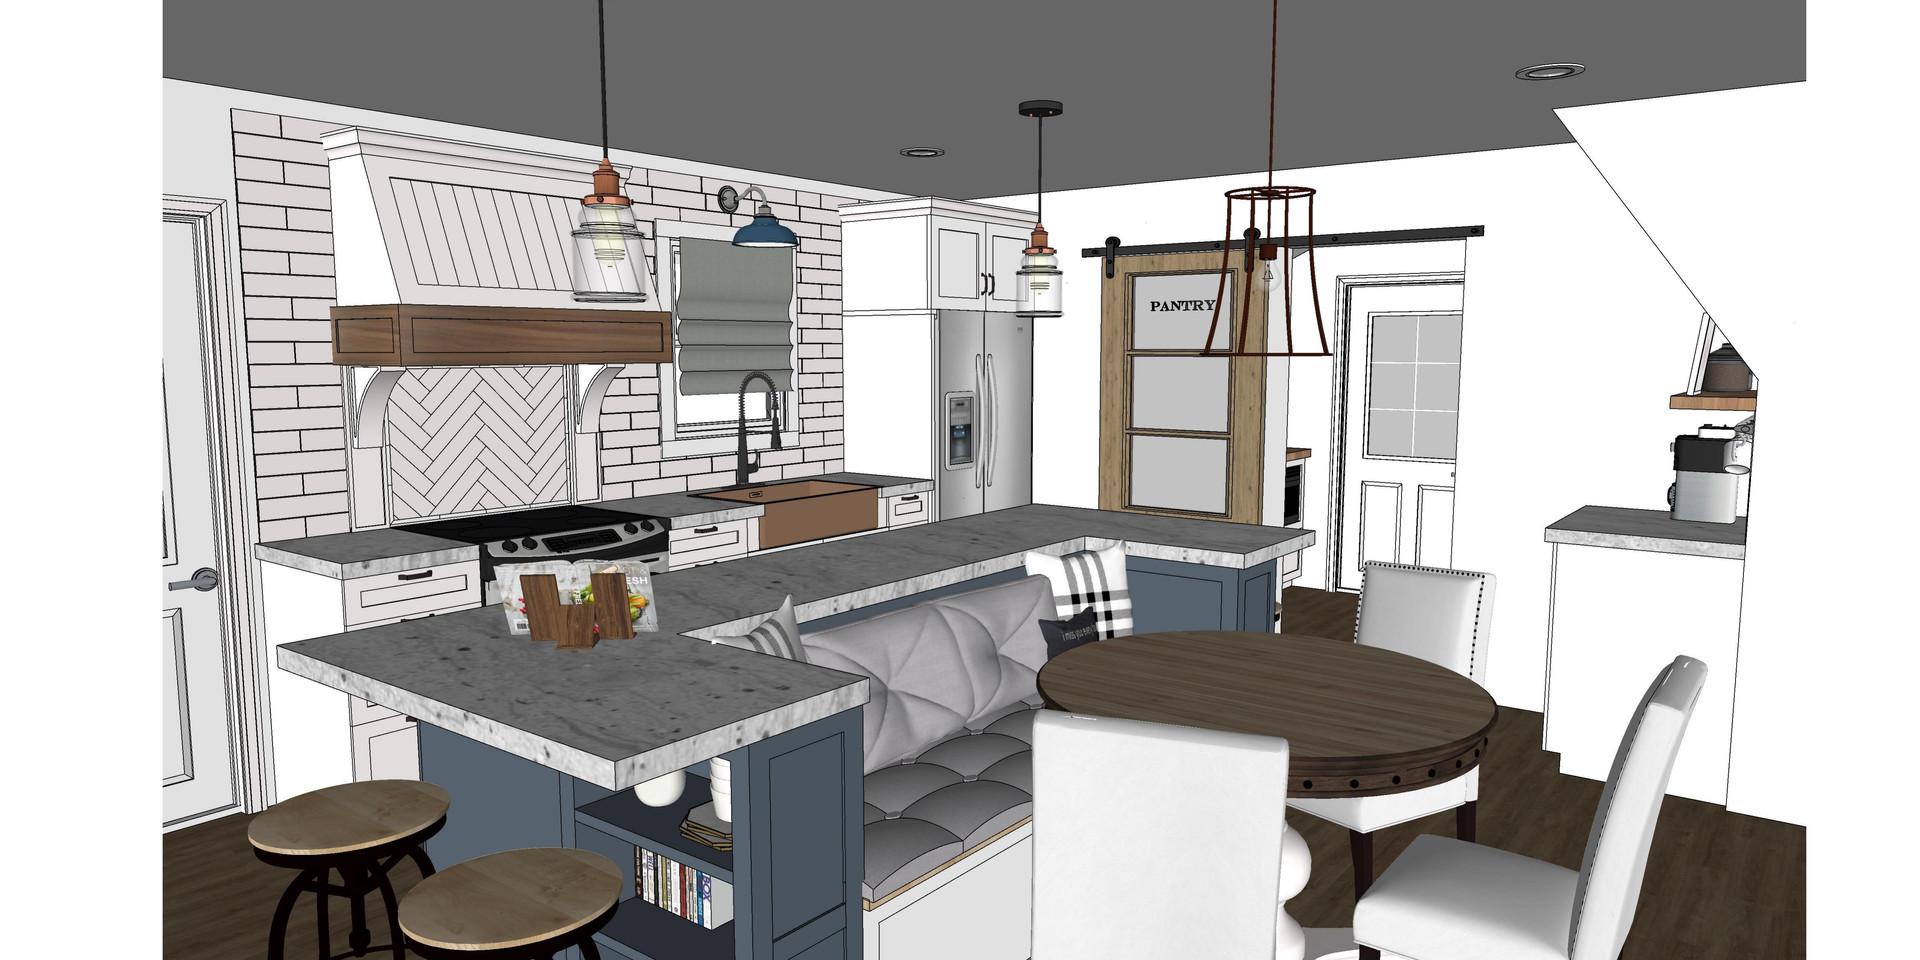 Kitchen Island-Knook Proposal-3.jpg